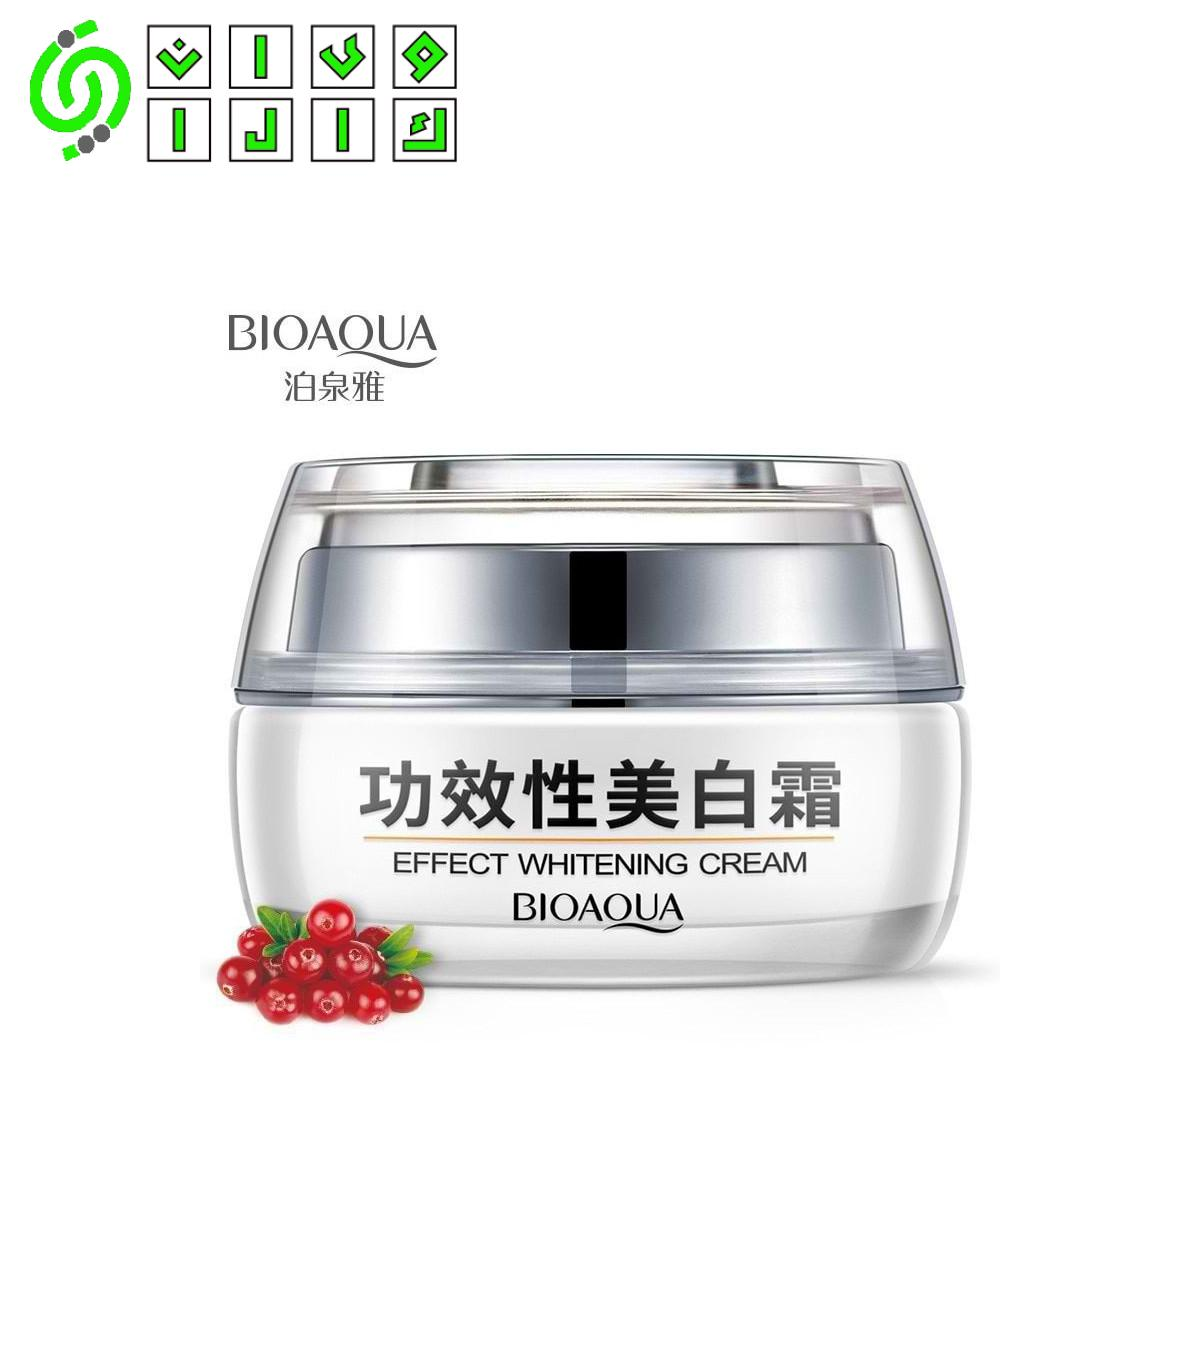 محصولات بهداشتی و نگهداری پوست